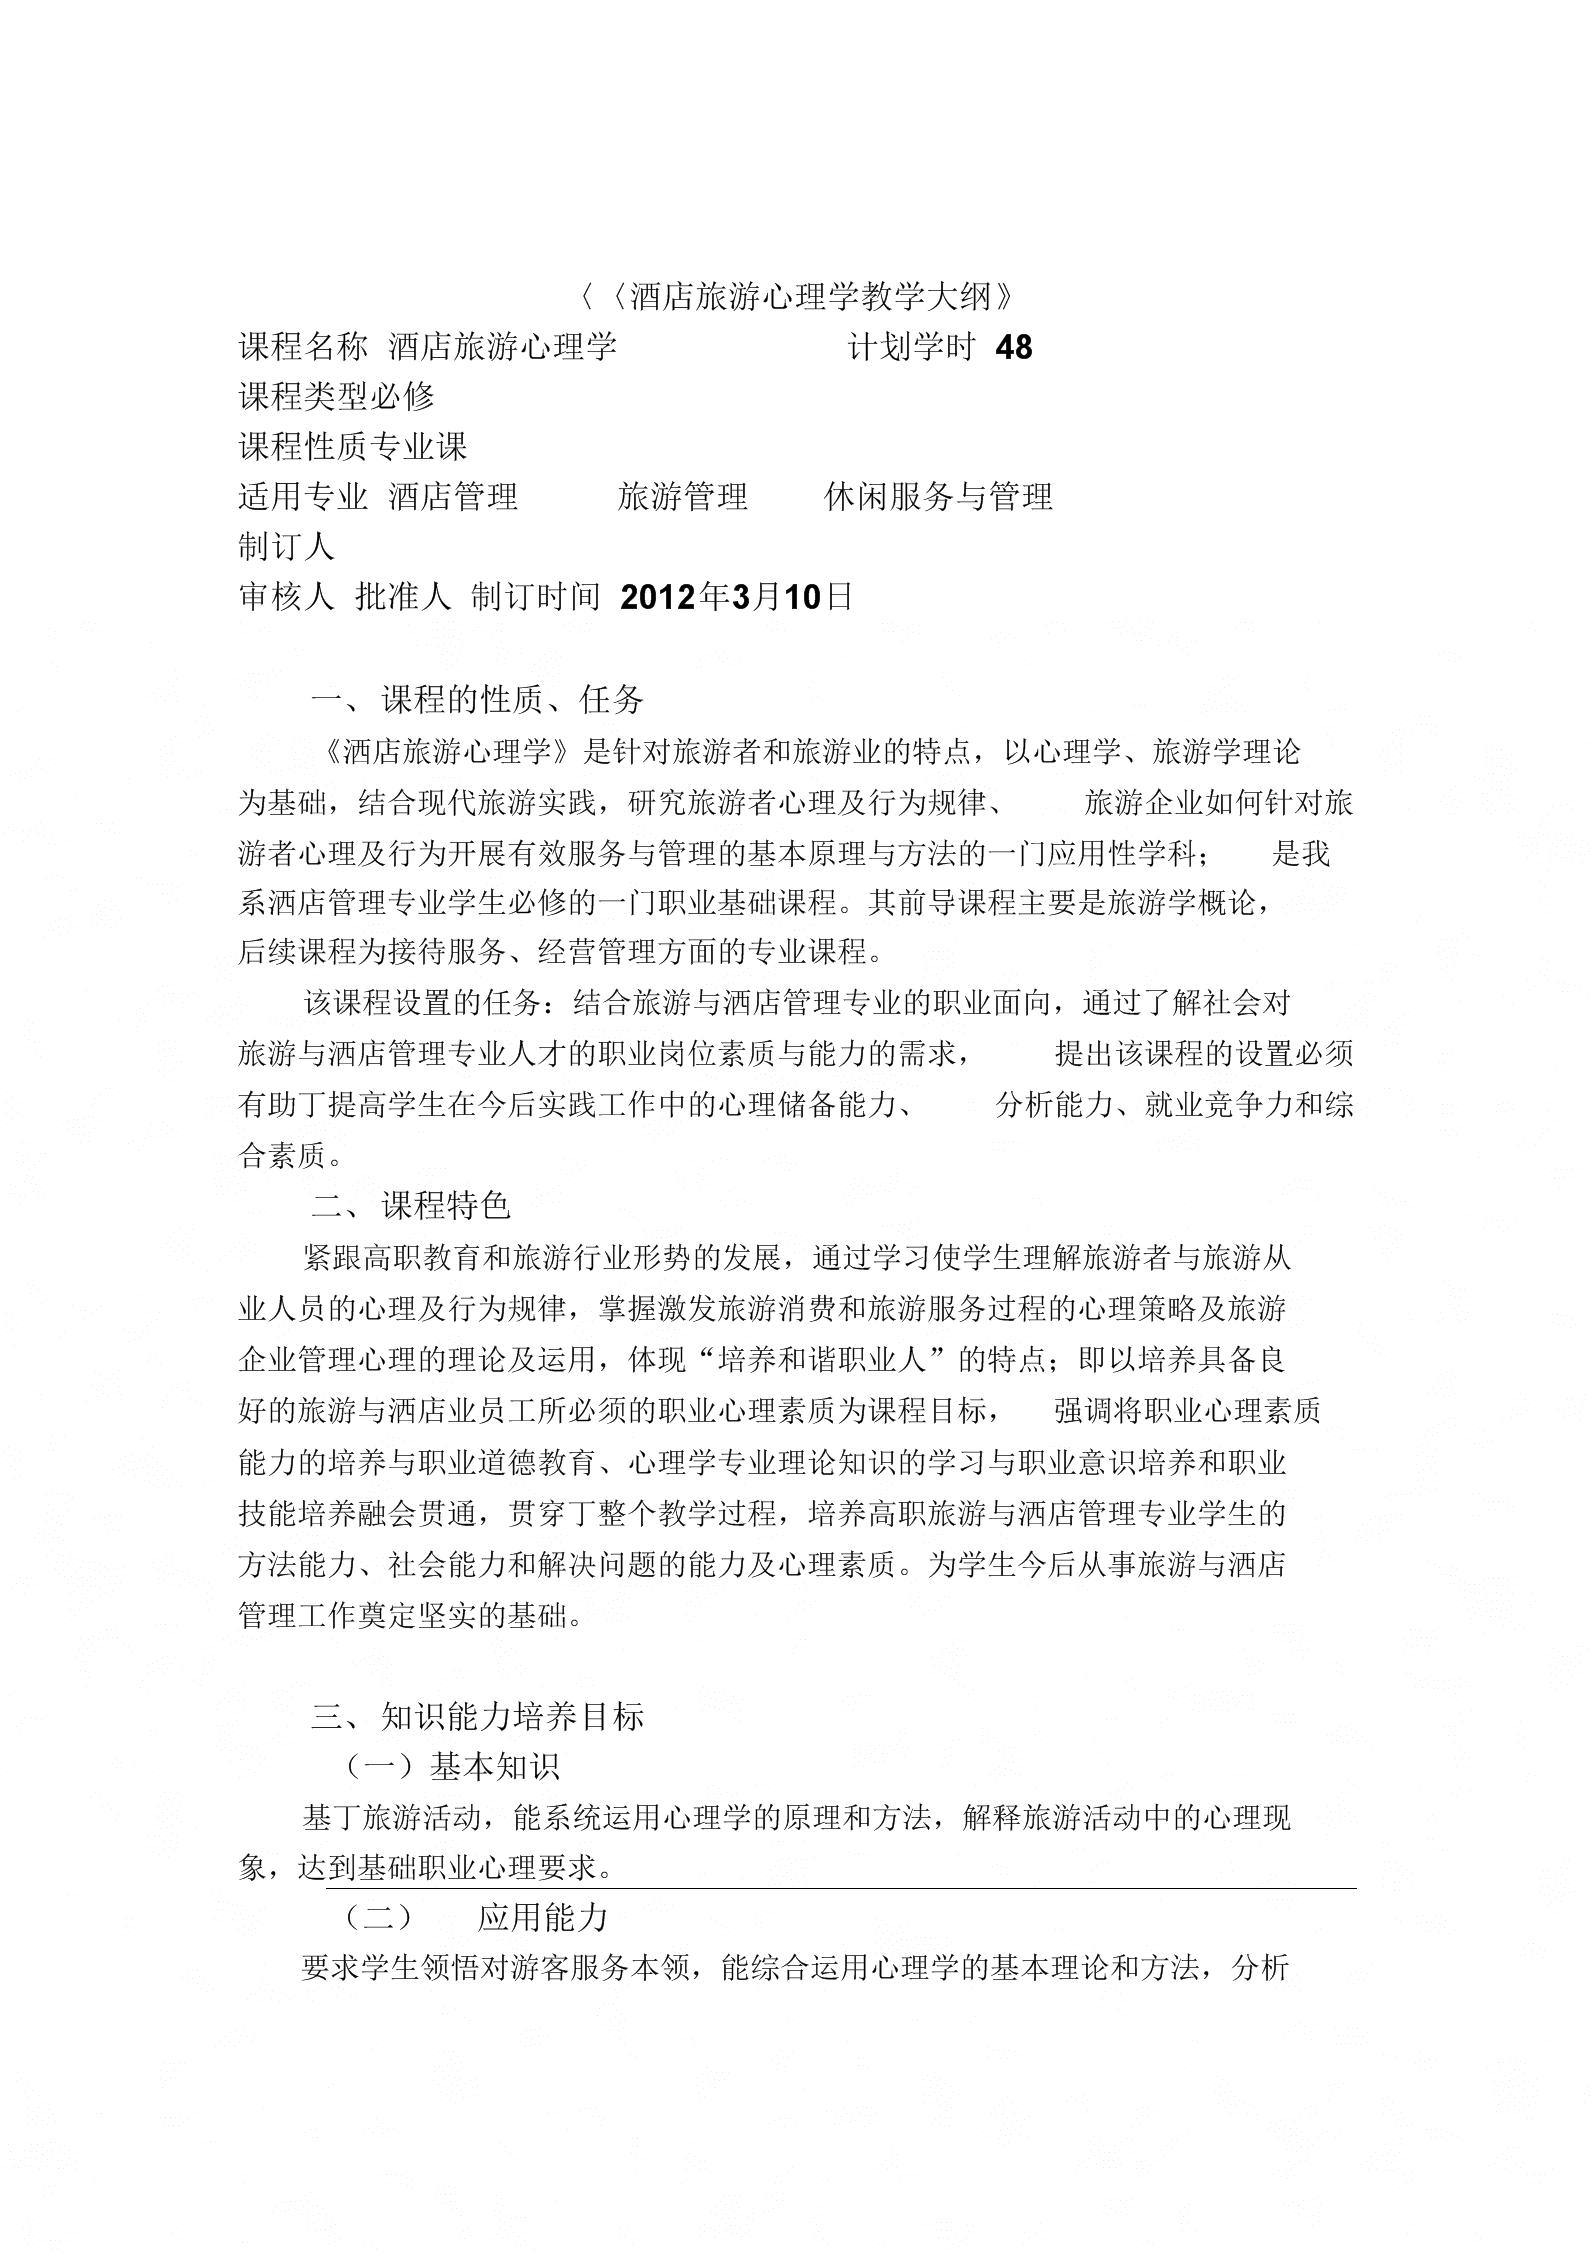 酒店心理学教学大纲.docx